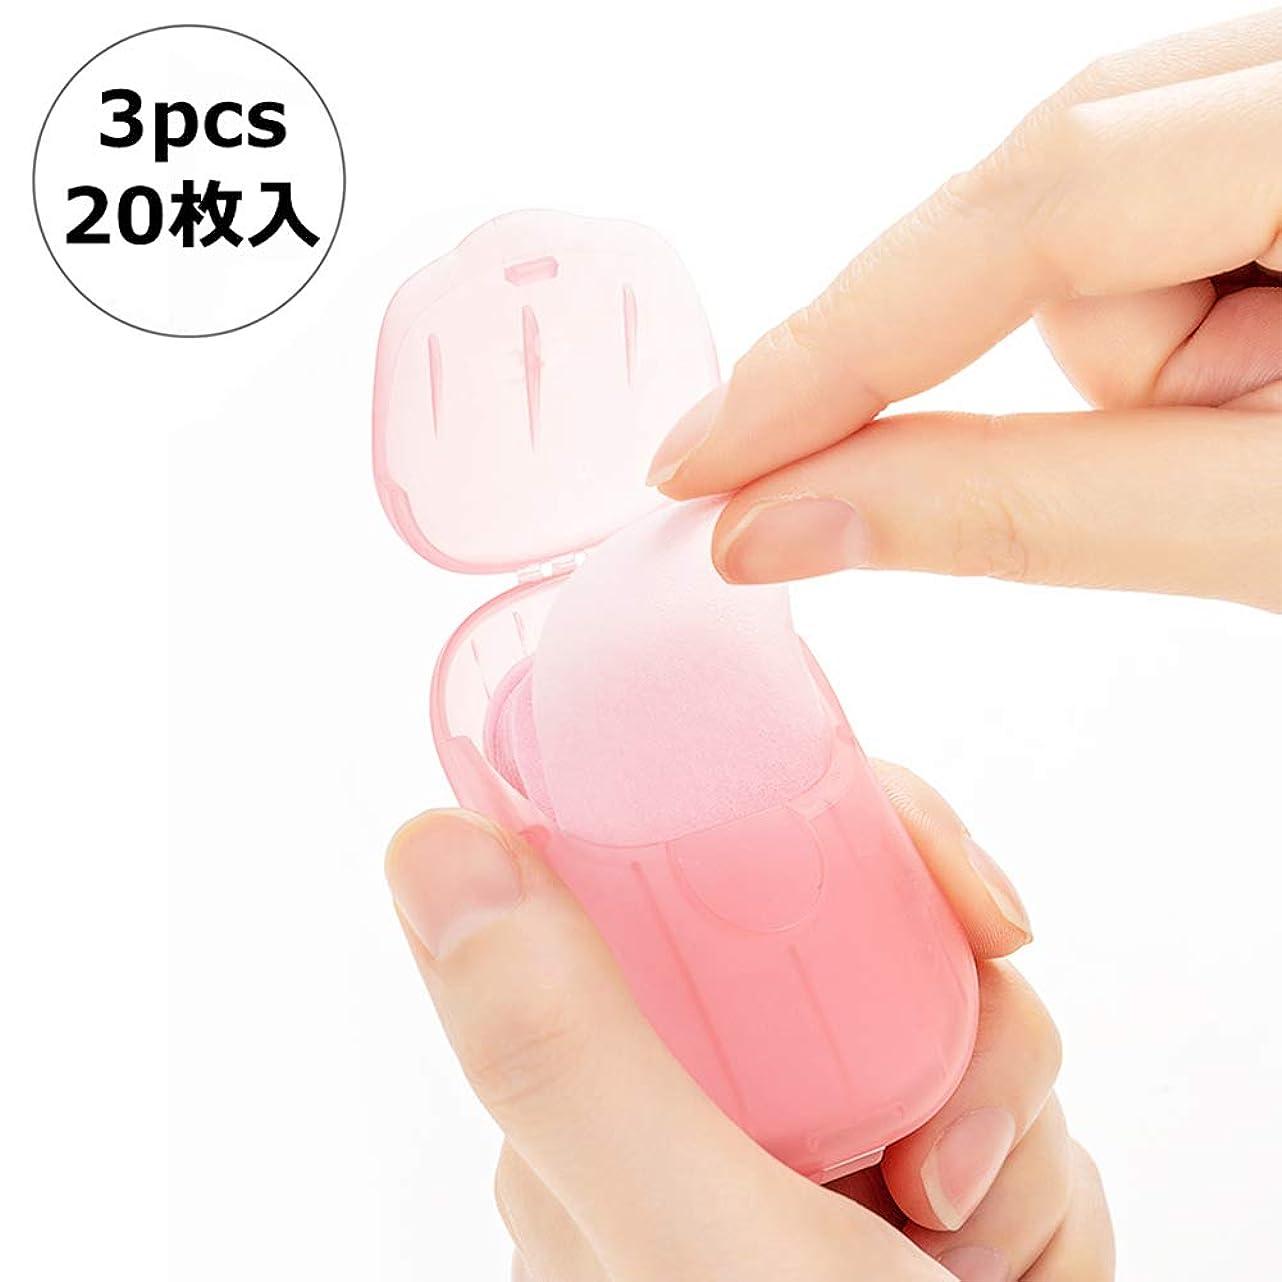 推進力発行するスカートNITIUMI ペーパーソープ 除菌 香り 石鹸 手洗い/お風呂 旅行携帯用 紙せっけん 20枚入 ケース付き カラーランダム (3個セット)